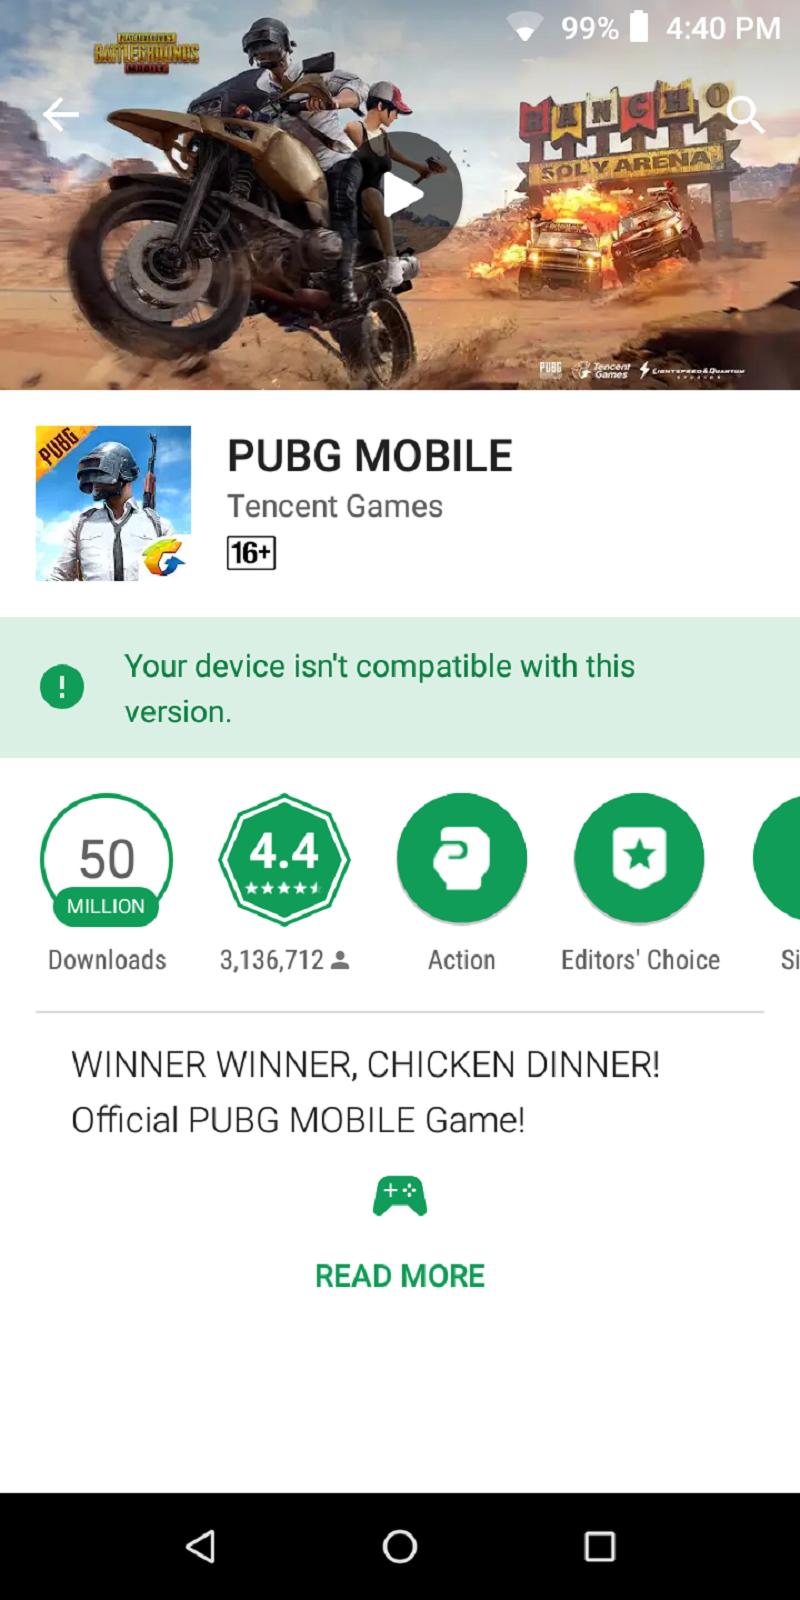 No PUBG for Cherry Mobile Flare P3 Plus